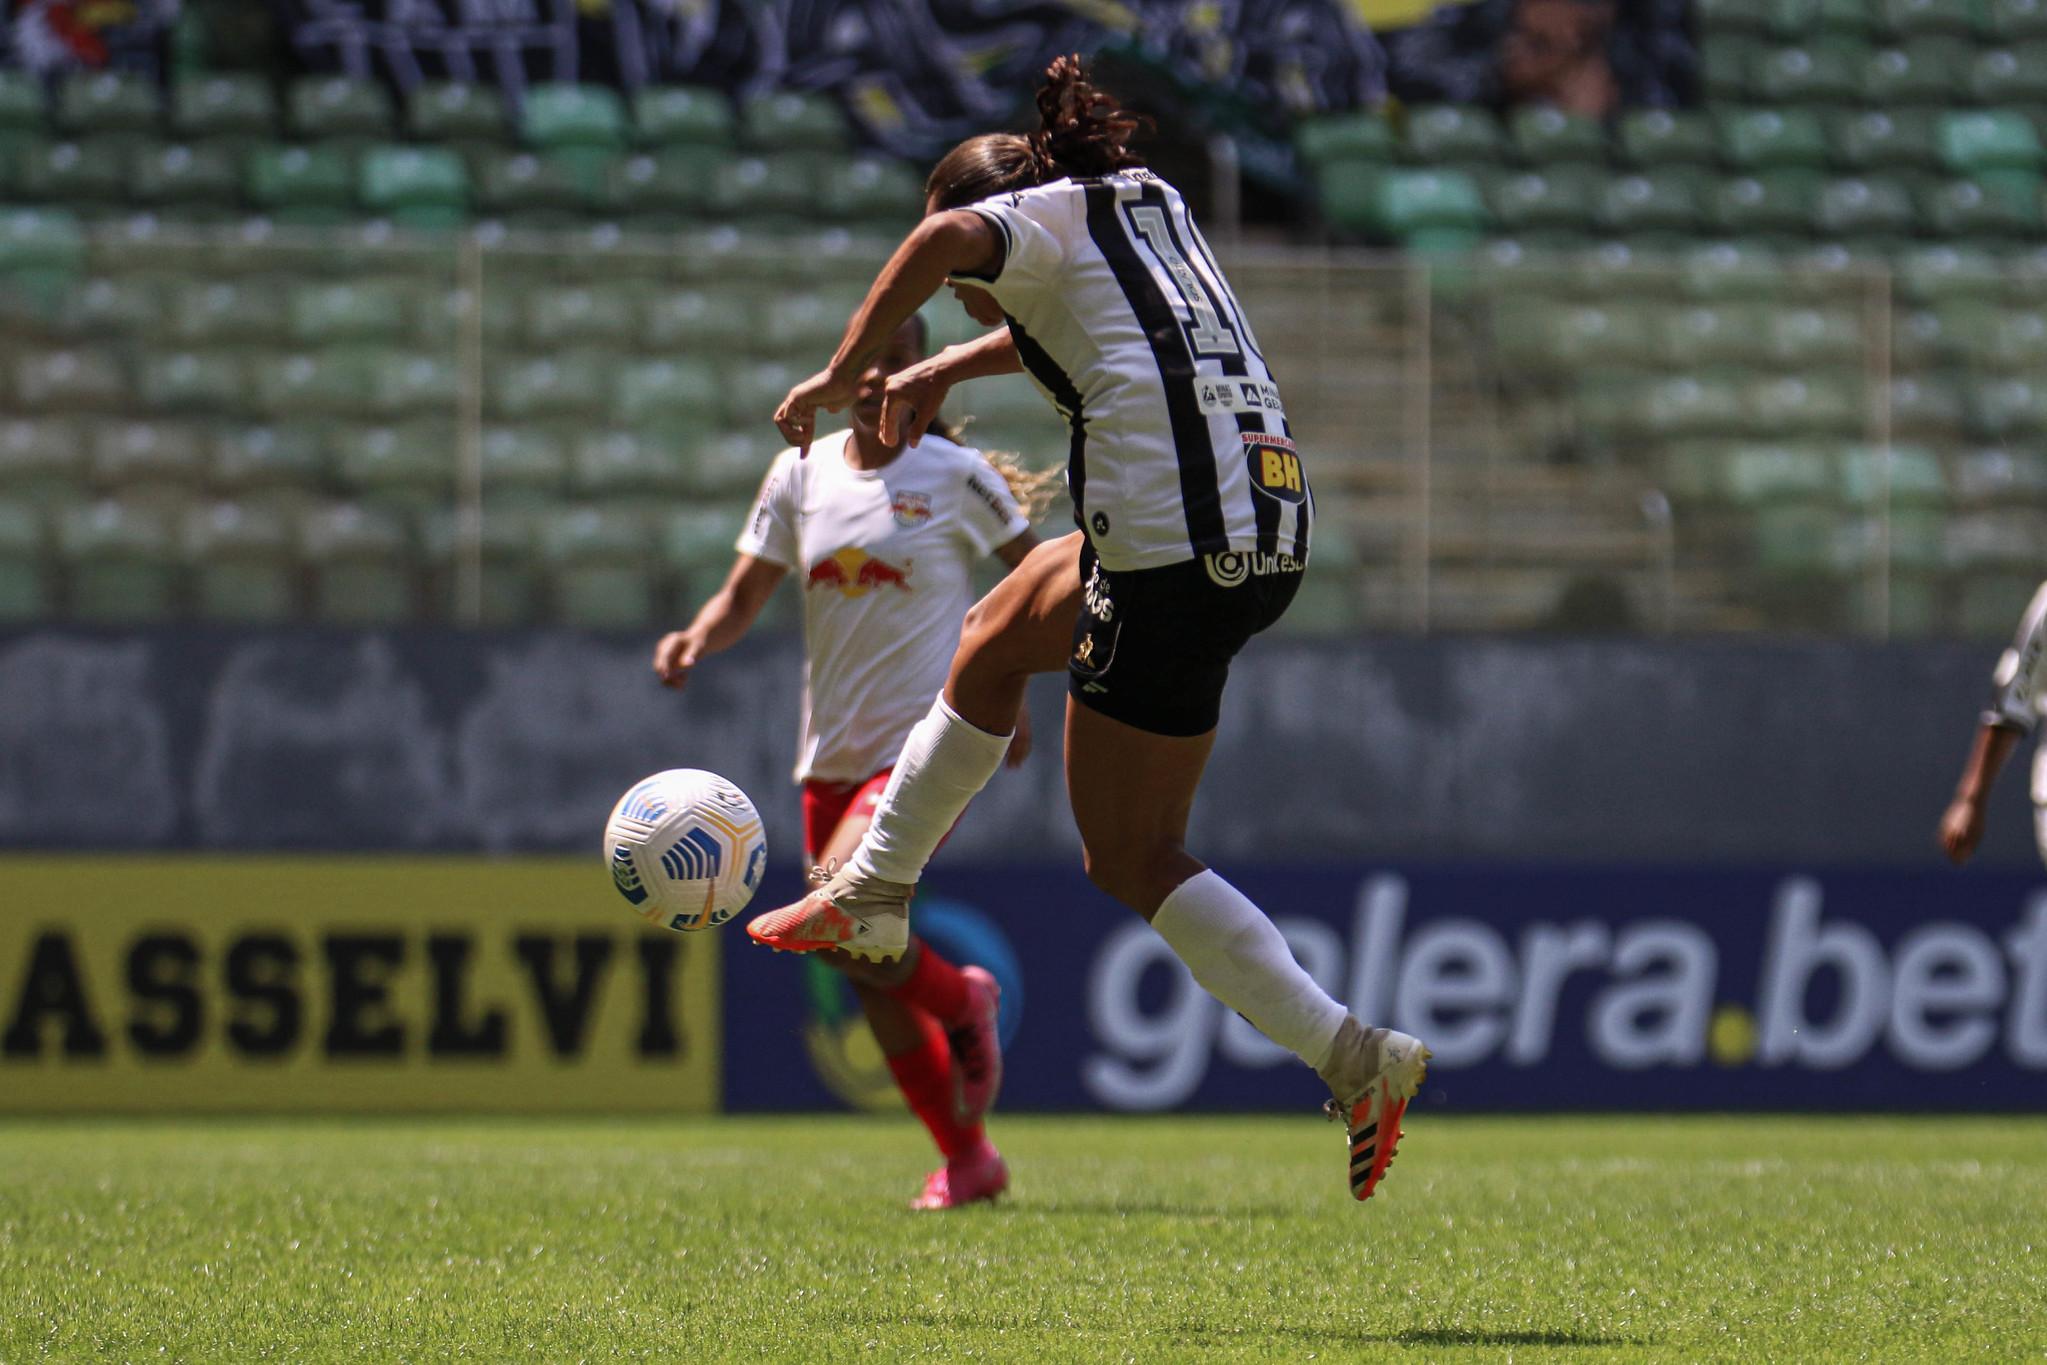 Atlético perde nos pênaltis e fica com o vice do Brasileiro Feminino A2 - Foto: Bruno Sousa/Atlético